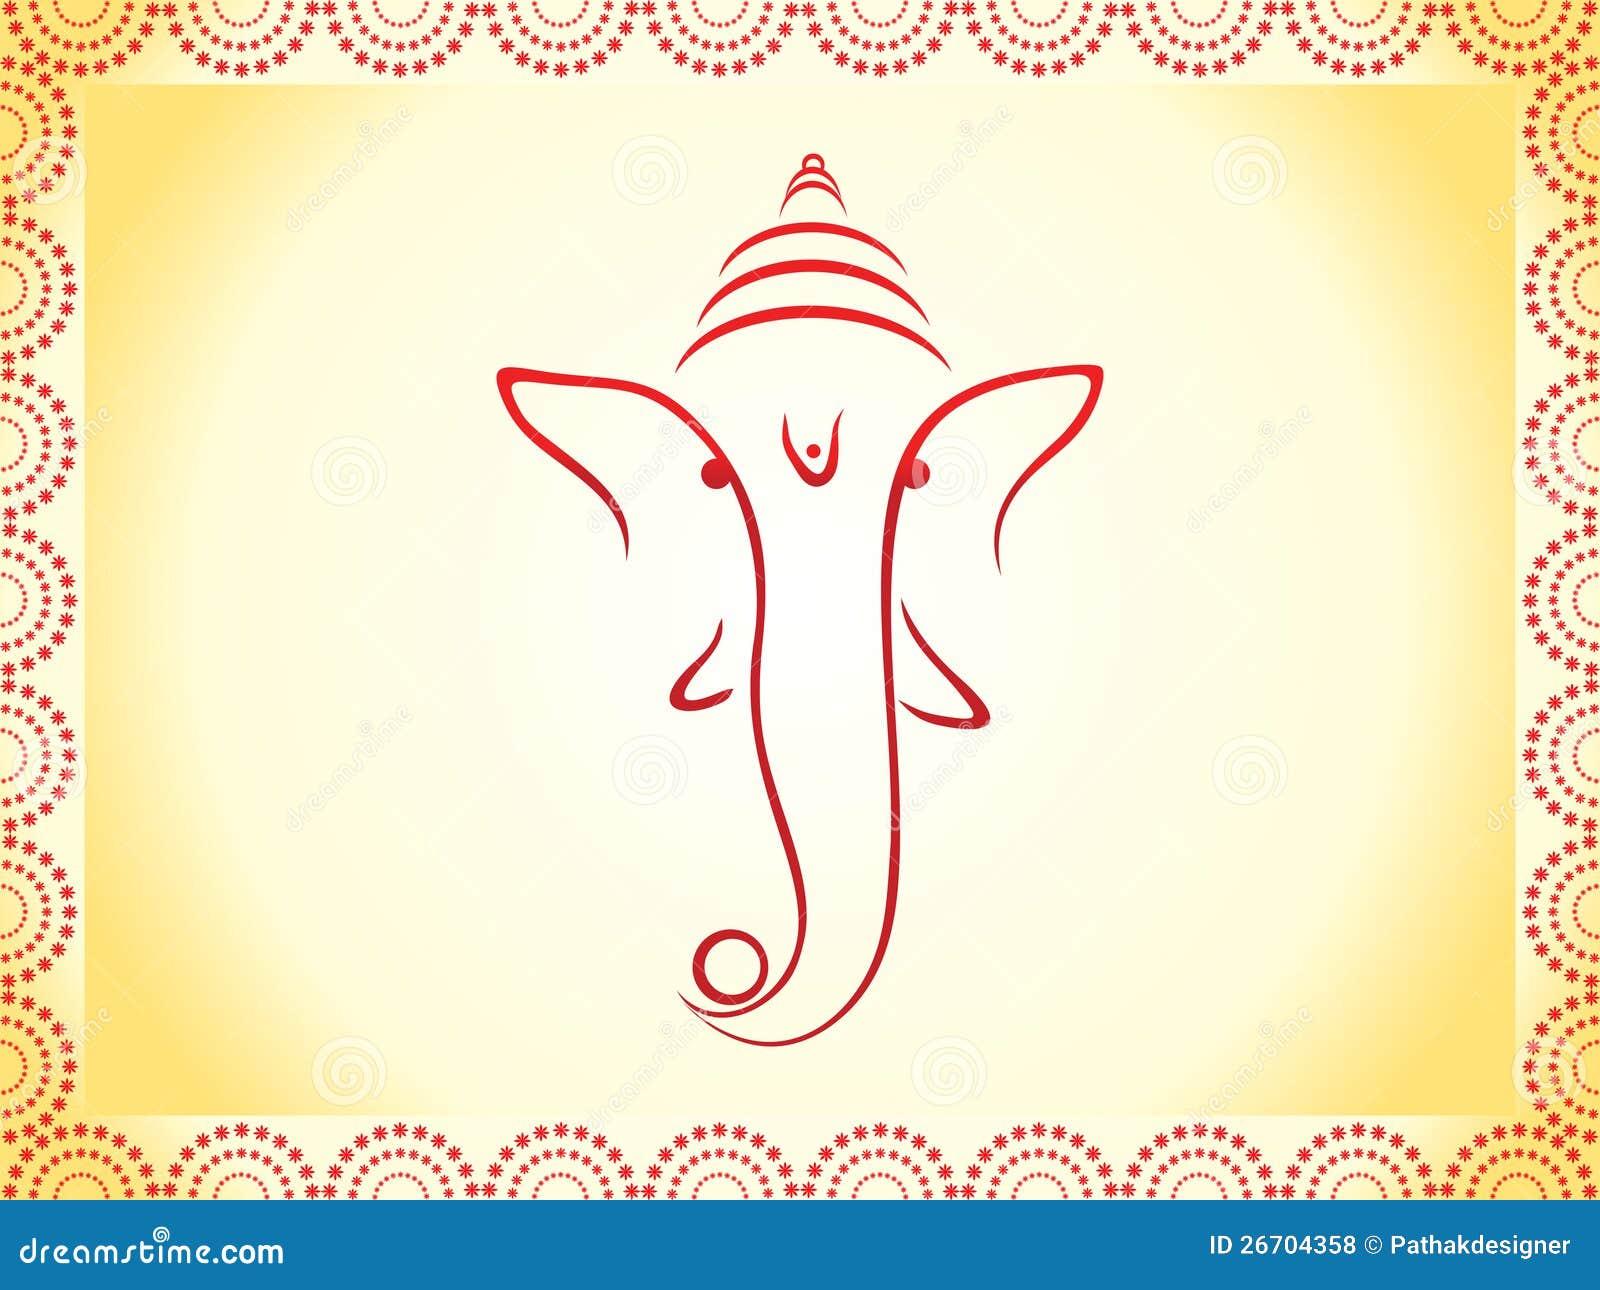 Abstract Ganesha Wallpaper Royalty Free Stock Photos